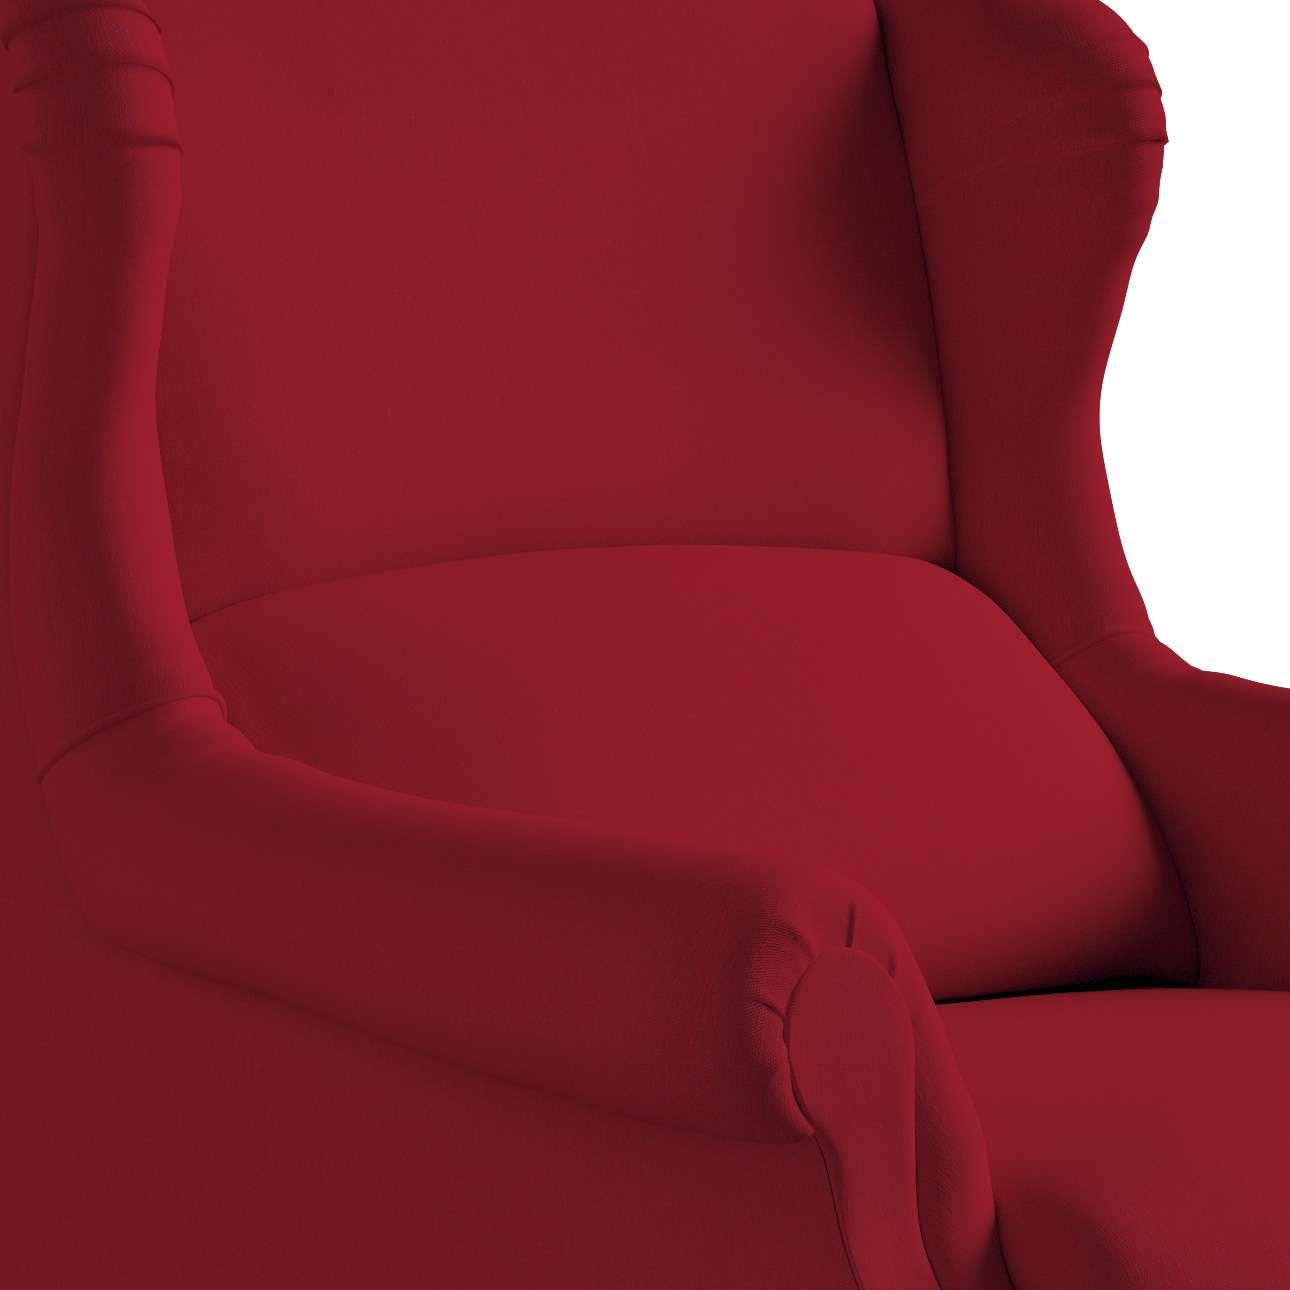 Sessel Unique von der Kollektion Chenille , Stoff: 702-24